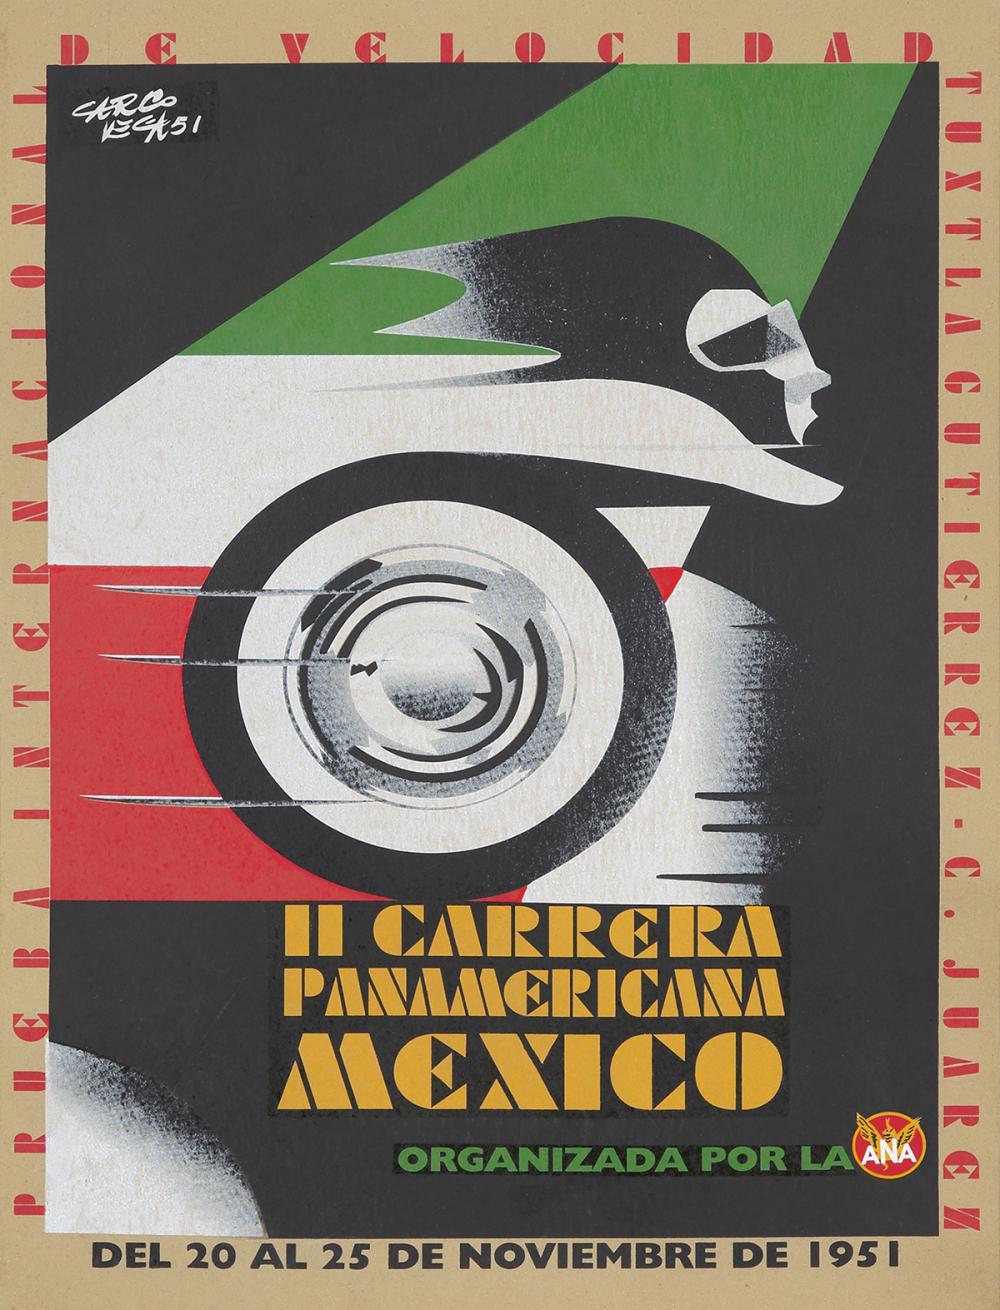 Il Carrera Panamericana Mexico. 1951.